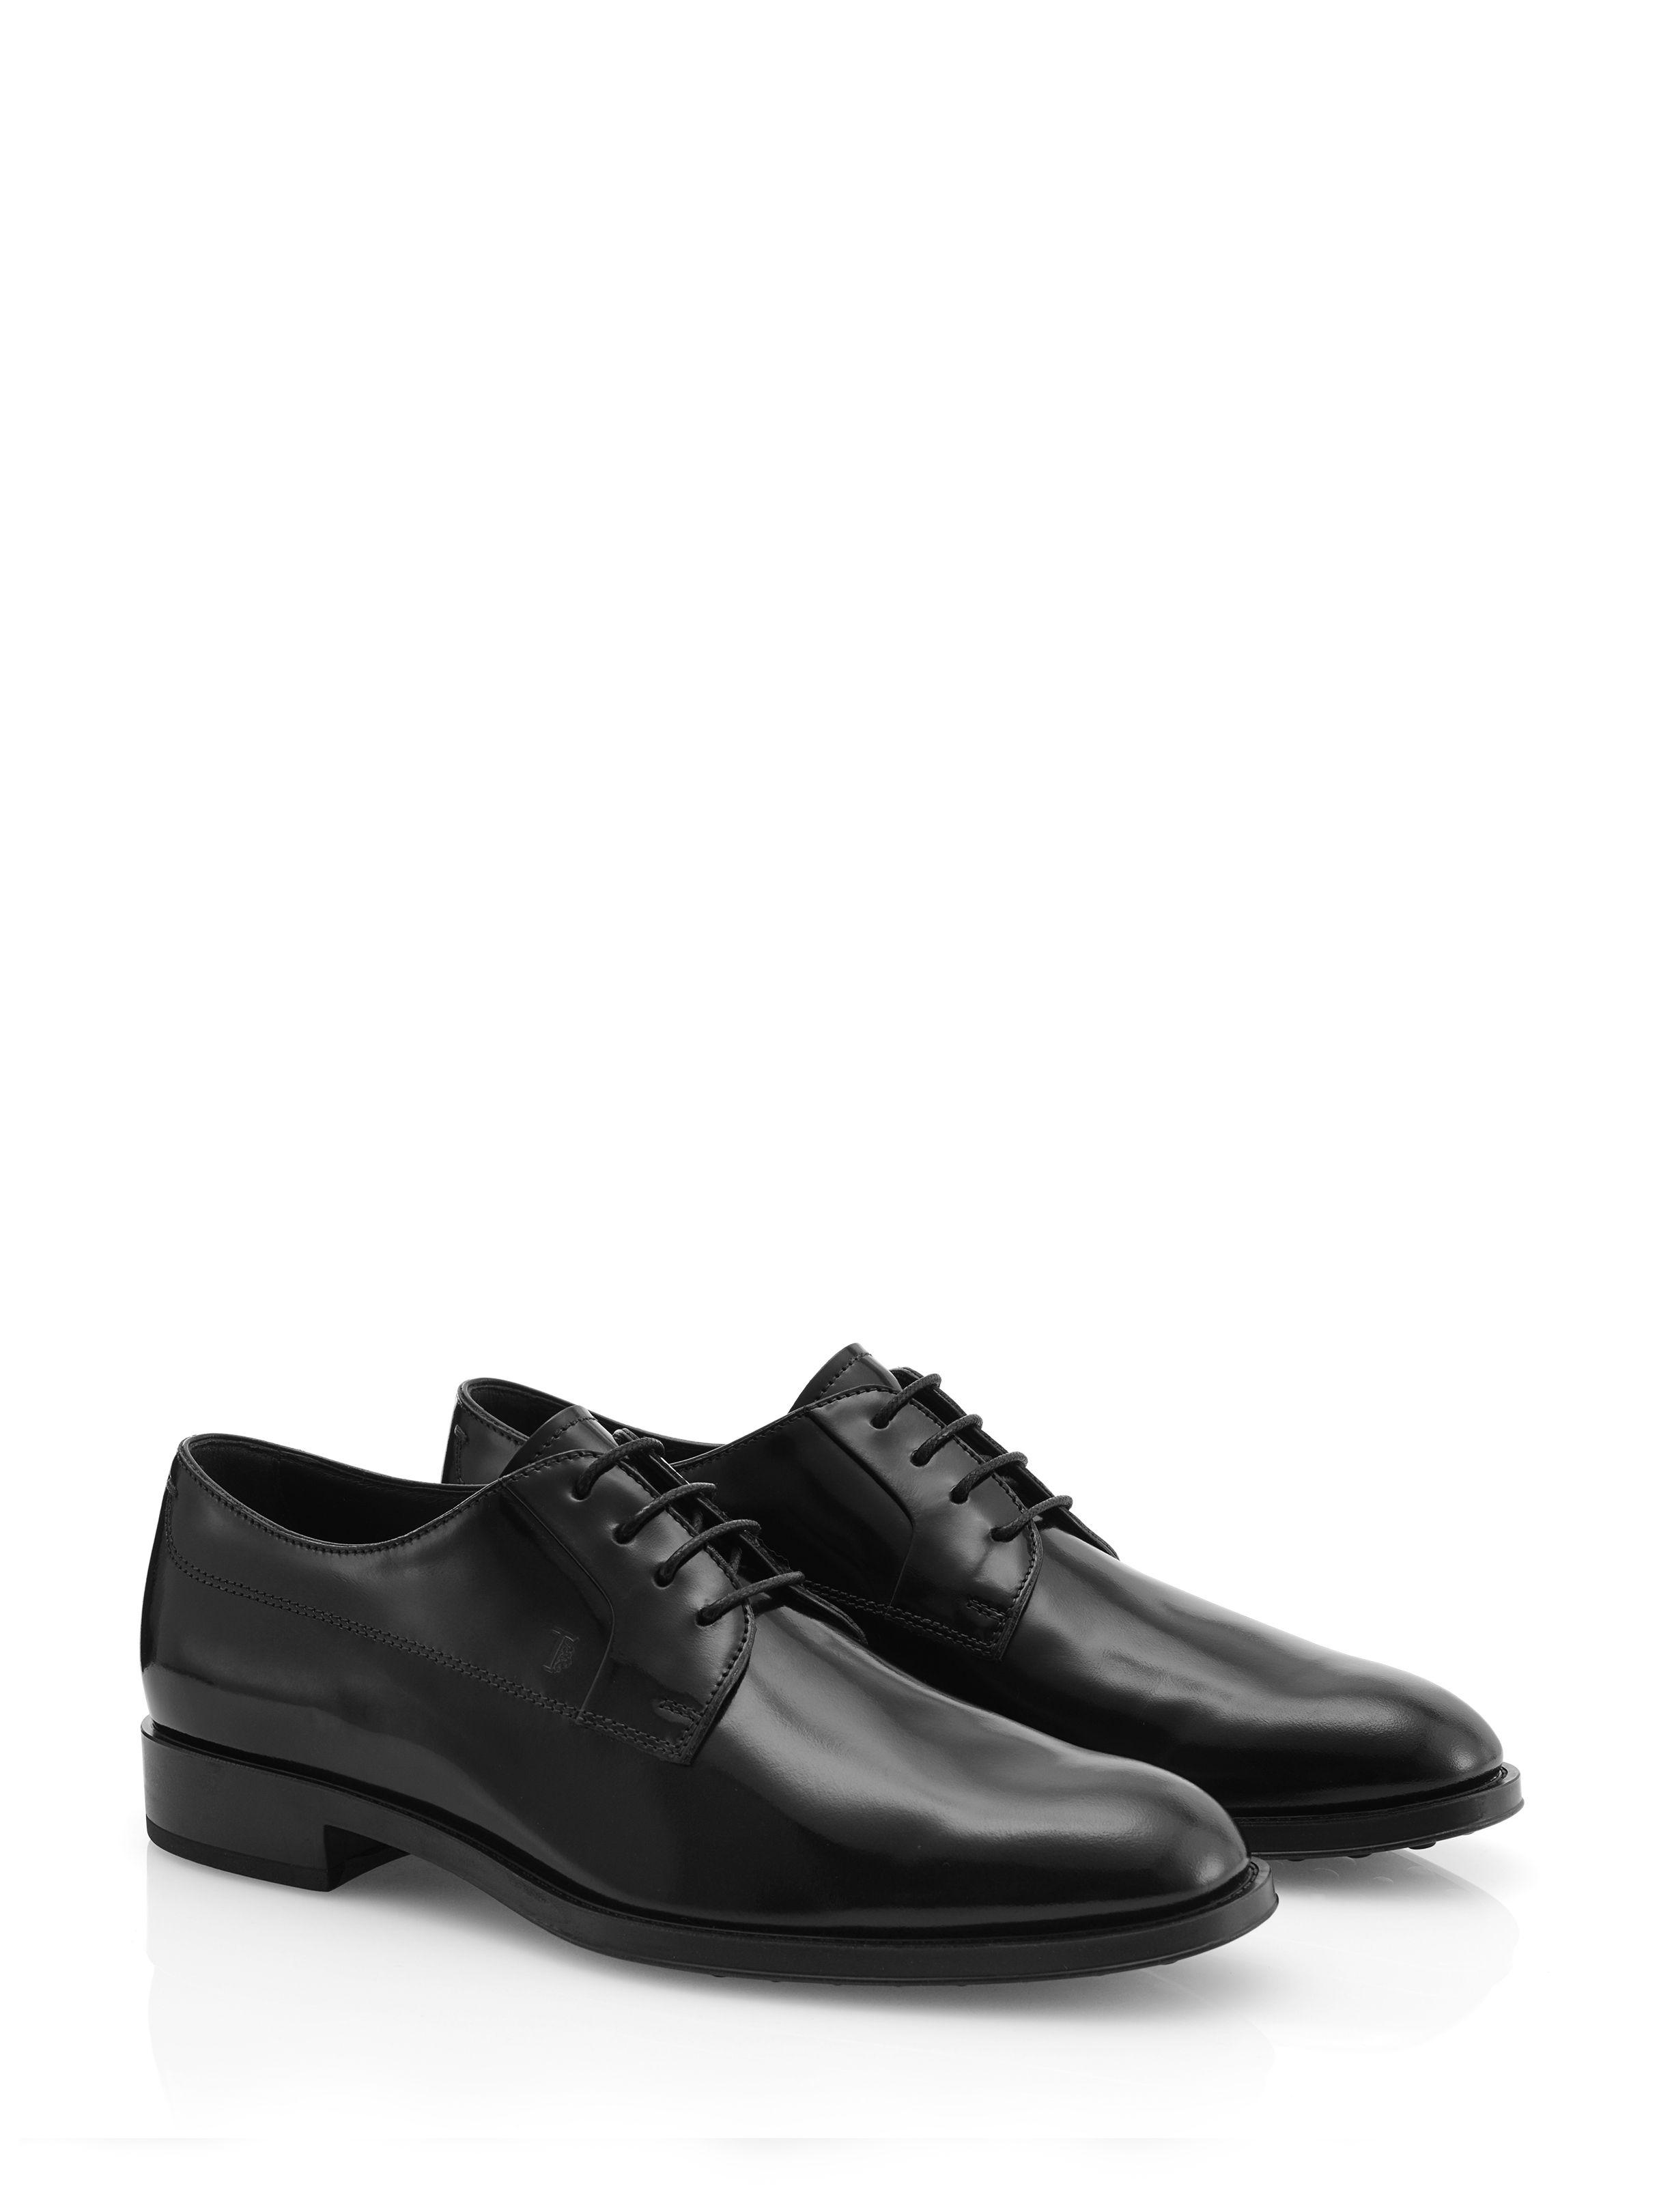 online retailer 8136f da0b3 Steve Madden Women's platform laceless sneakers in gray faux ...